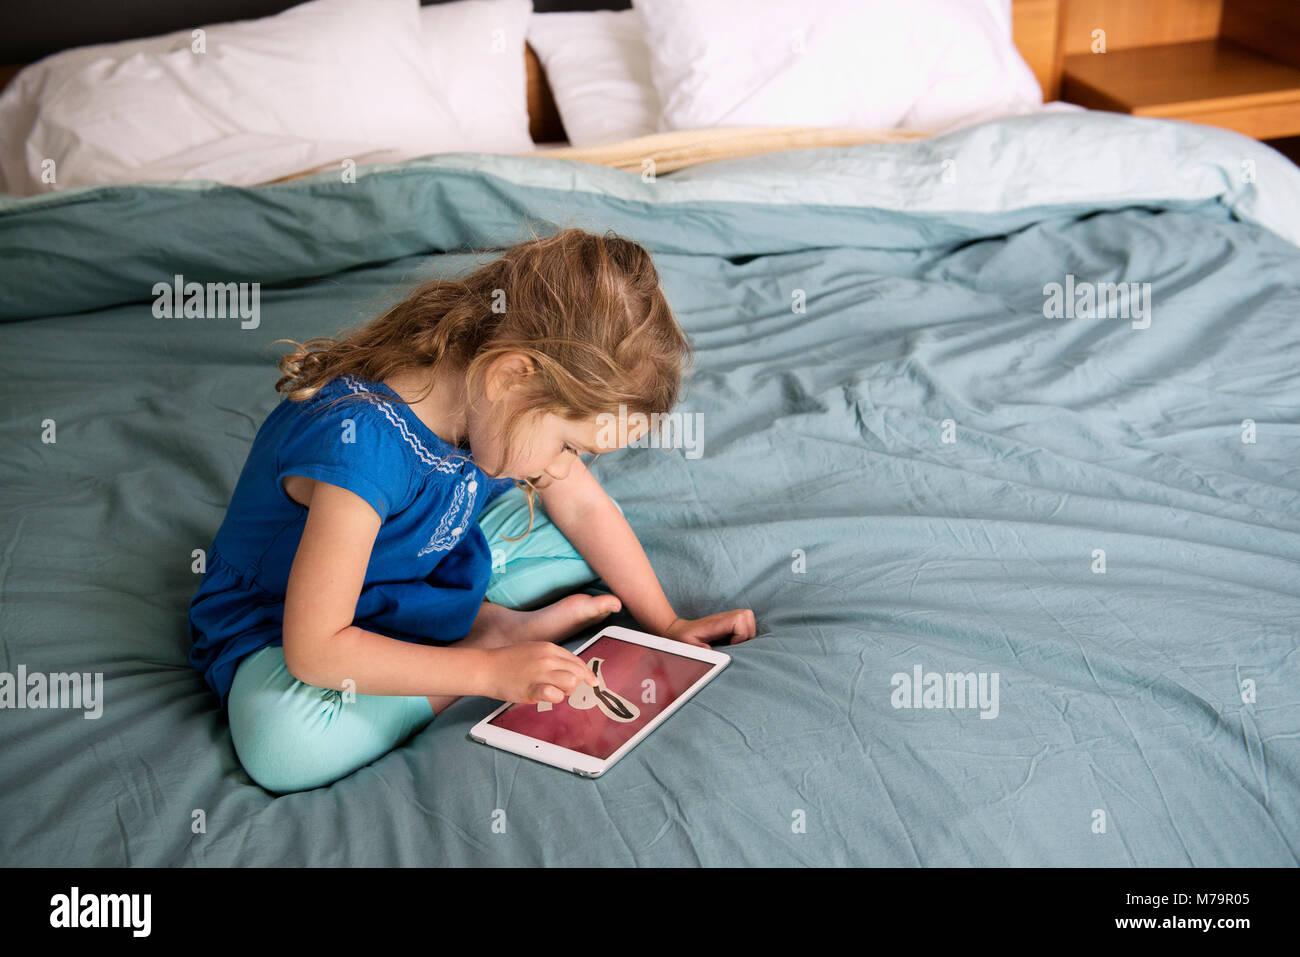 Una niña utilizando un ipad mini para aprender a escribir. Imagen De Stock